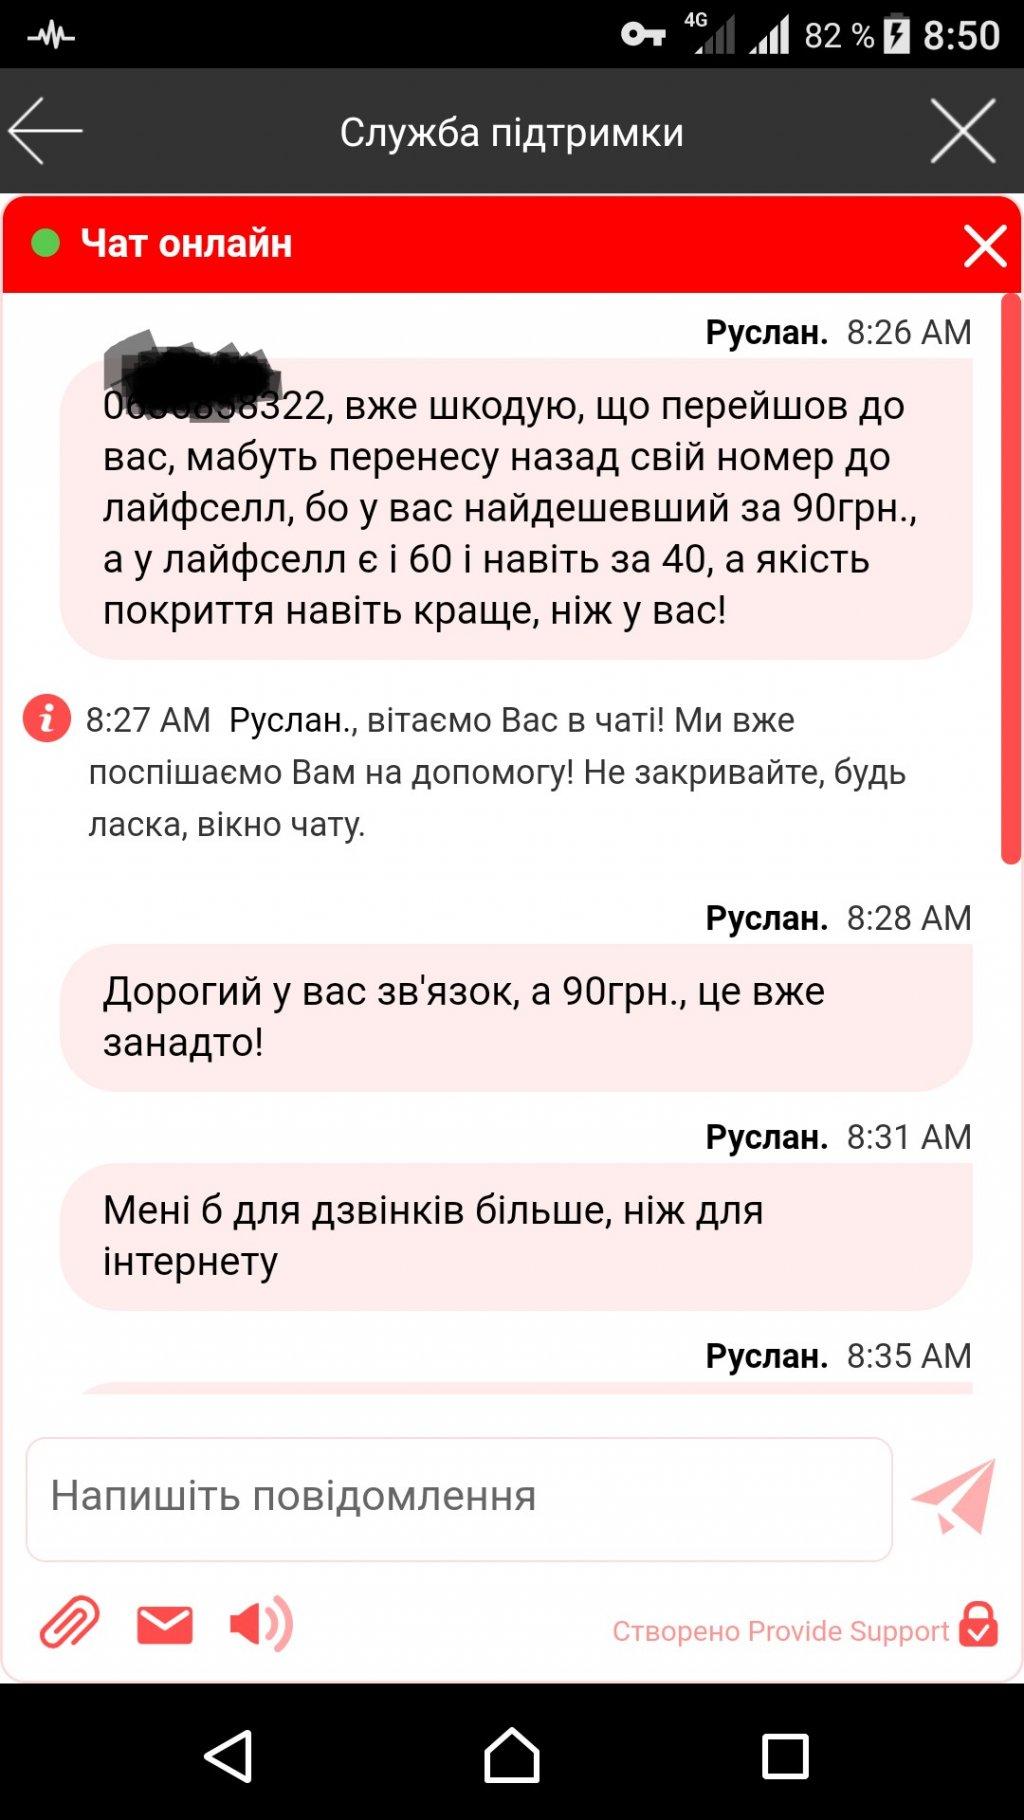 Vodafone Украина - 40хв., в чаті - це жах!